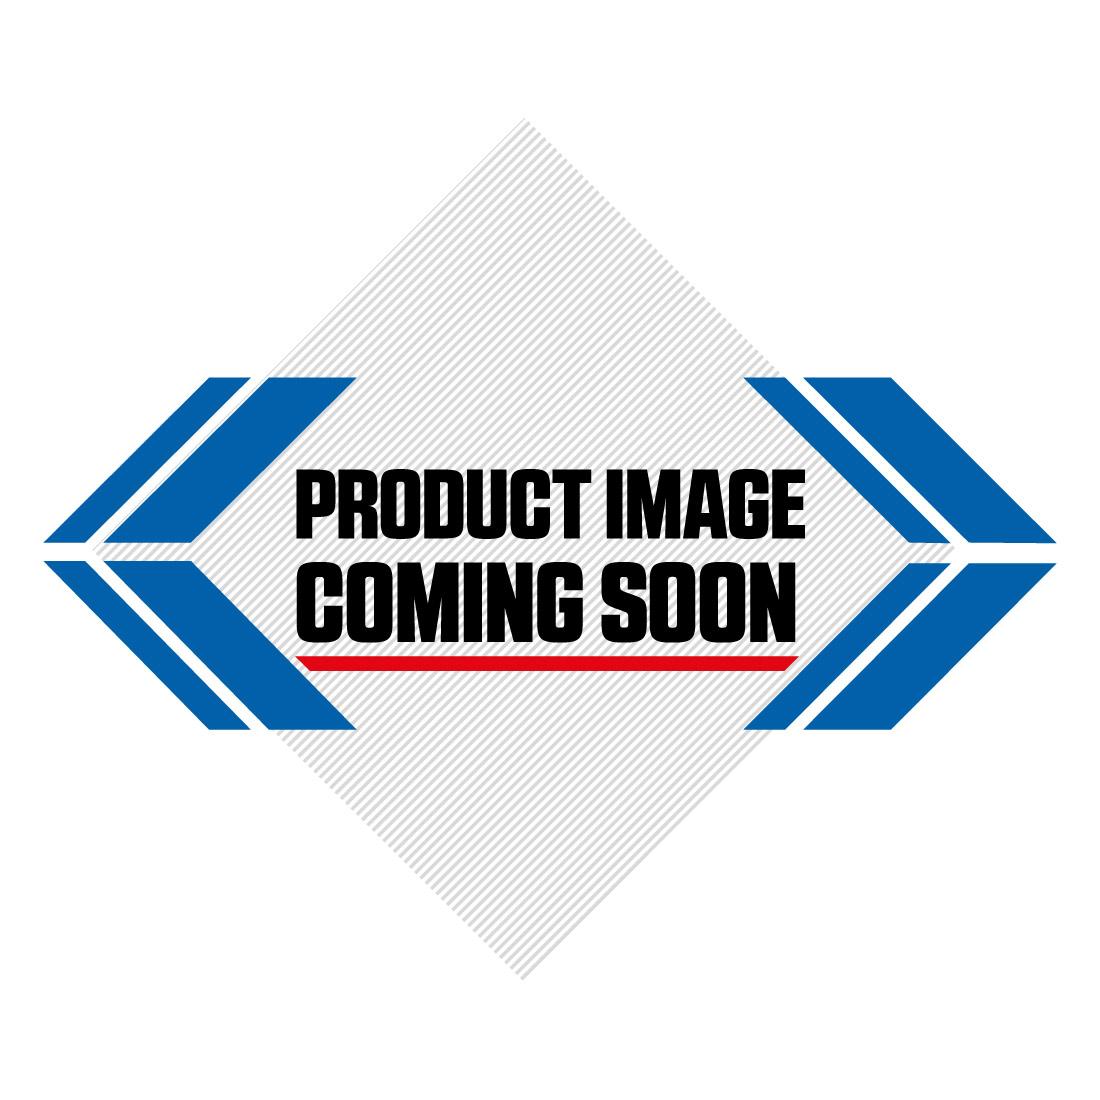 UFO KTM Plastic Kit SX 125 150 250 SXF 250 350 450 (16-18) Black Image-2